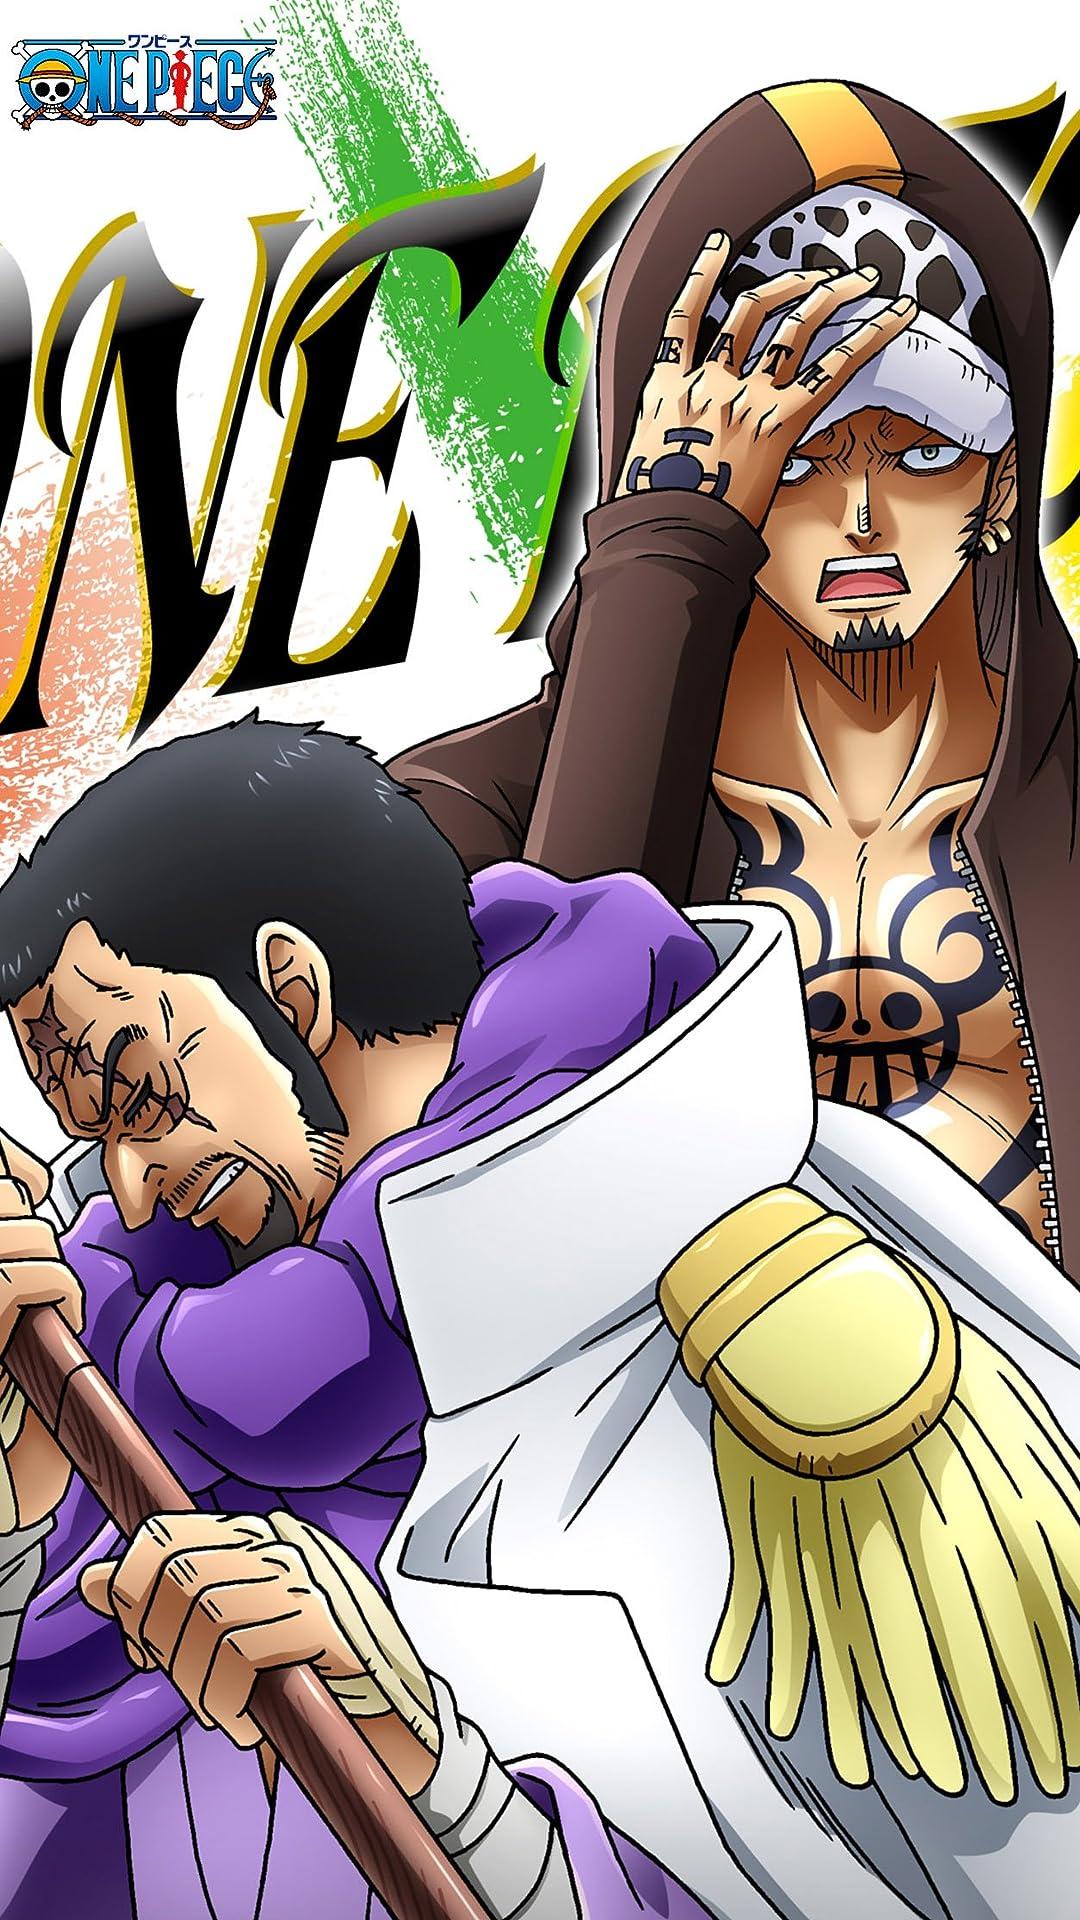 One Piece フルhd 1080 1920 スマホ壁紙 待受アニメ画像26418 スマポ